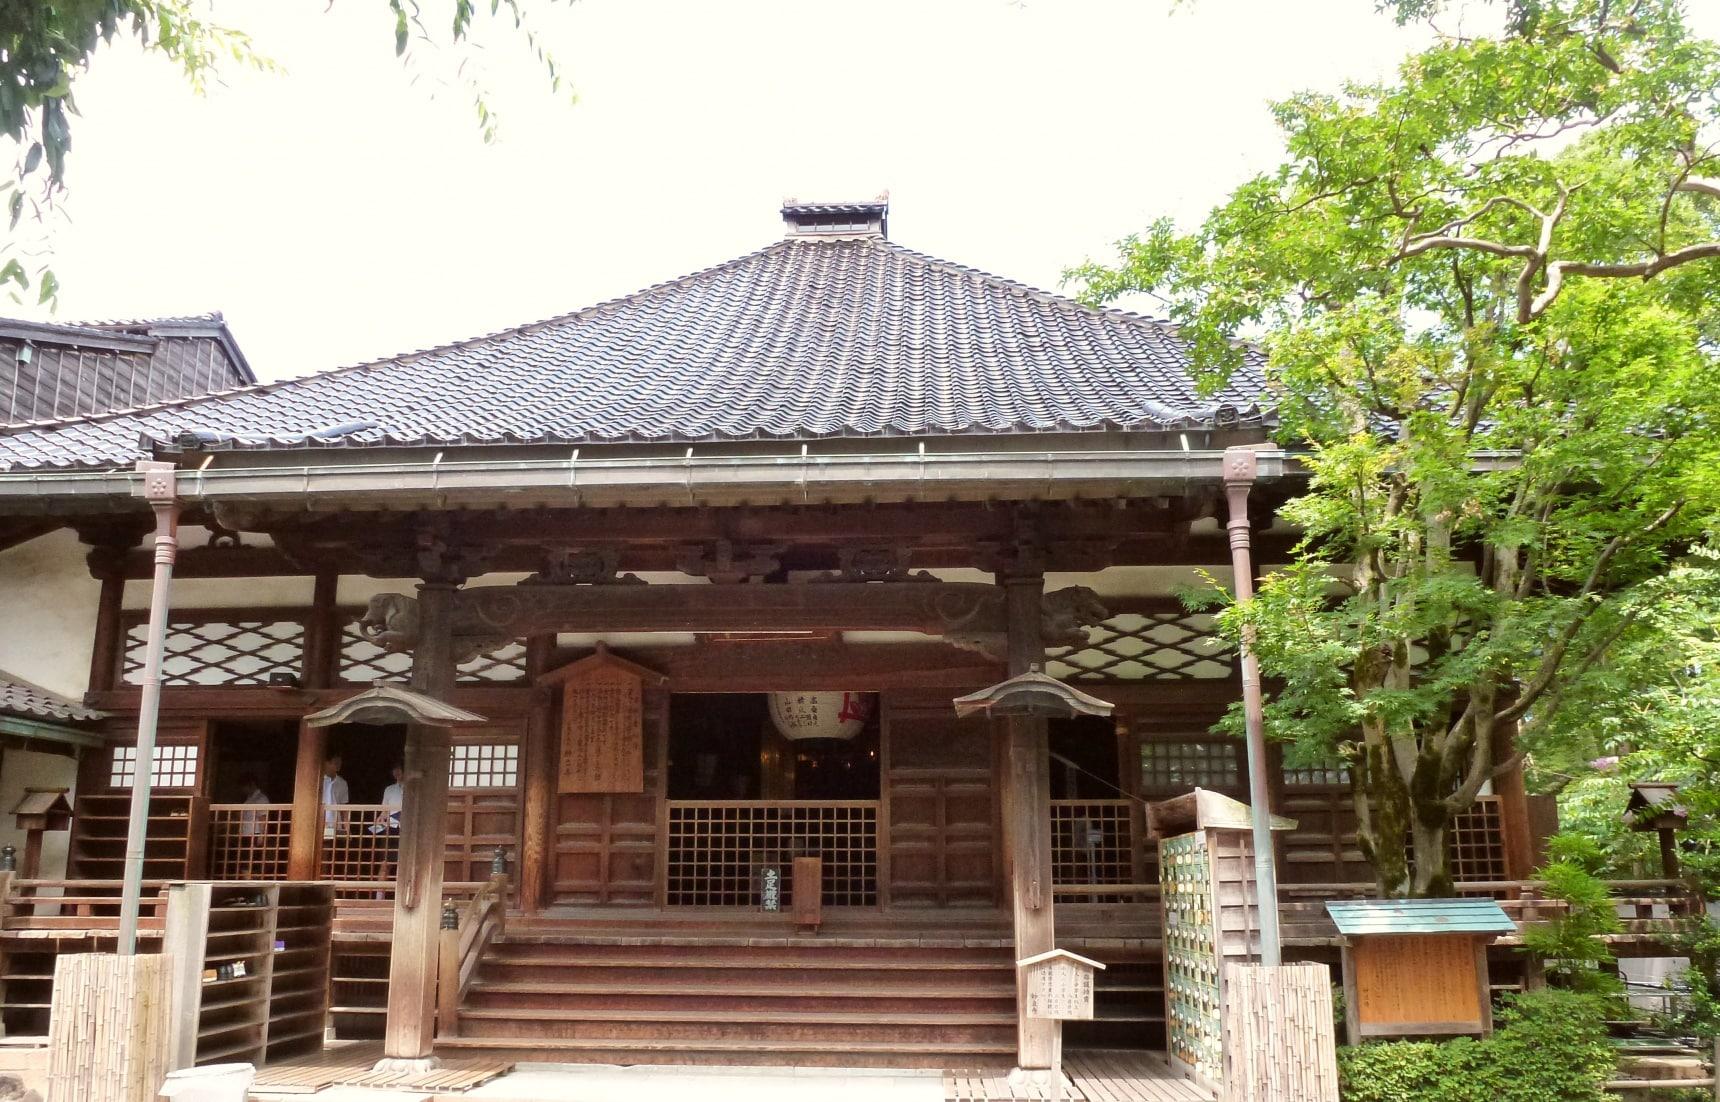 12 Things to Do in Charming Kanazawa